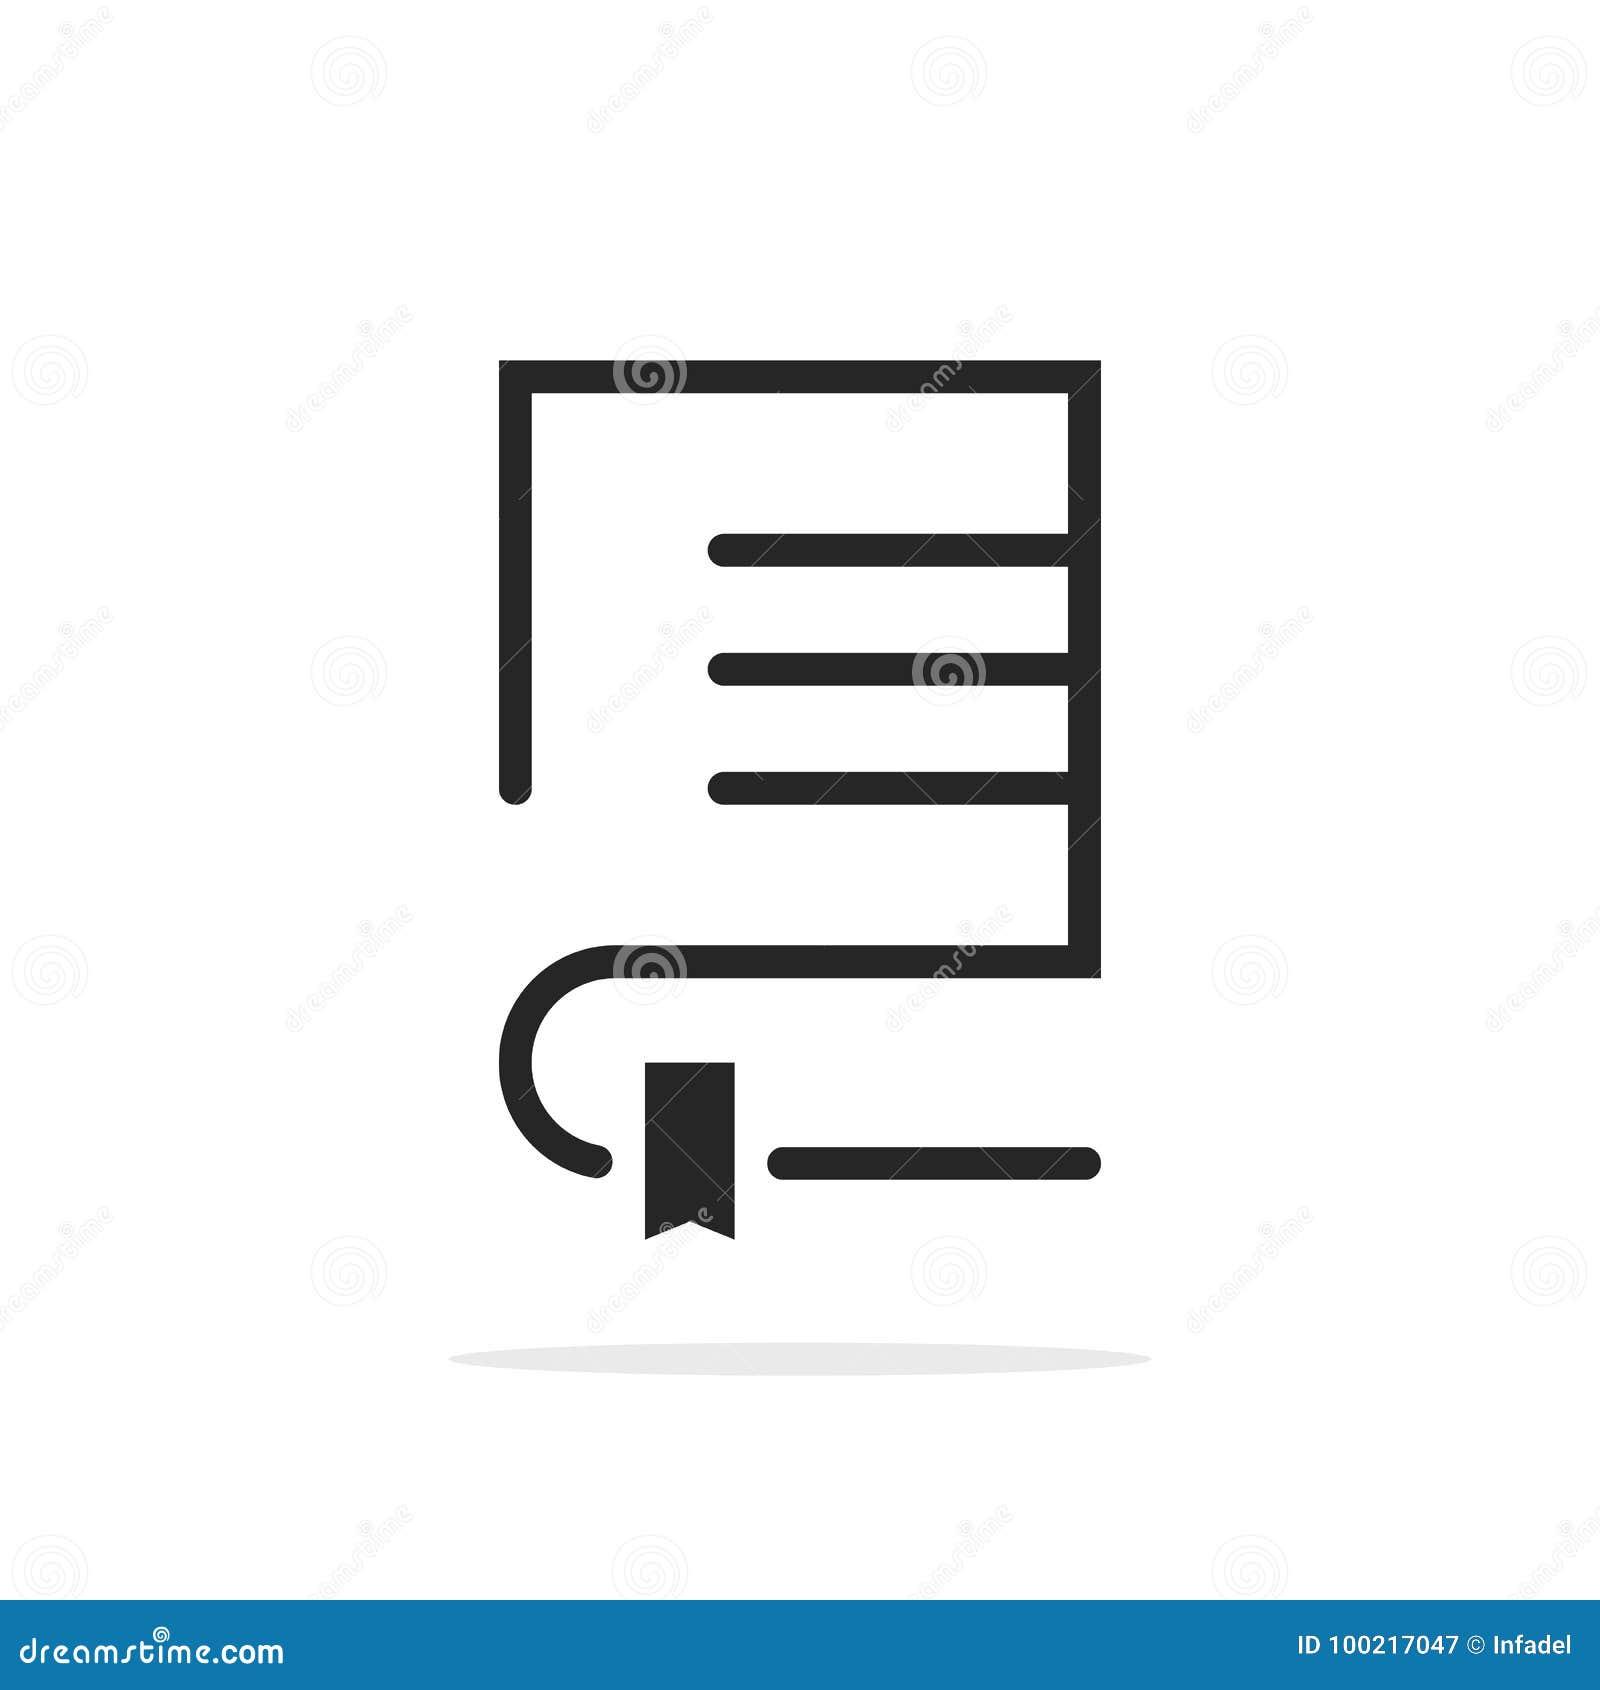 Zwart lineair boekembleem met referentie